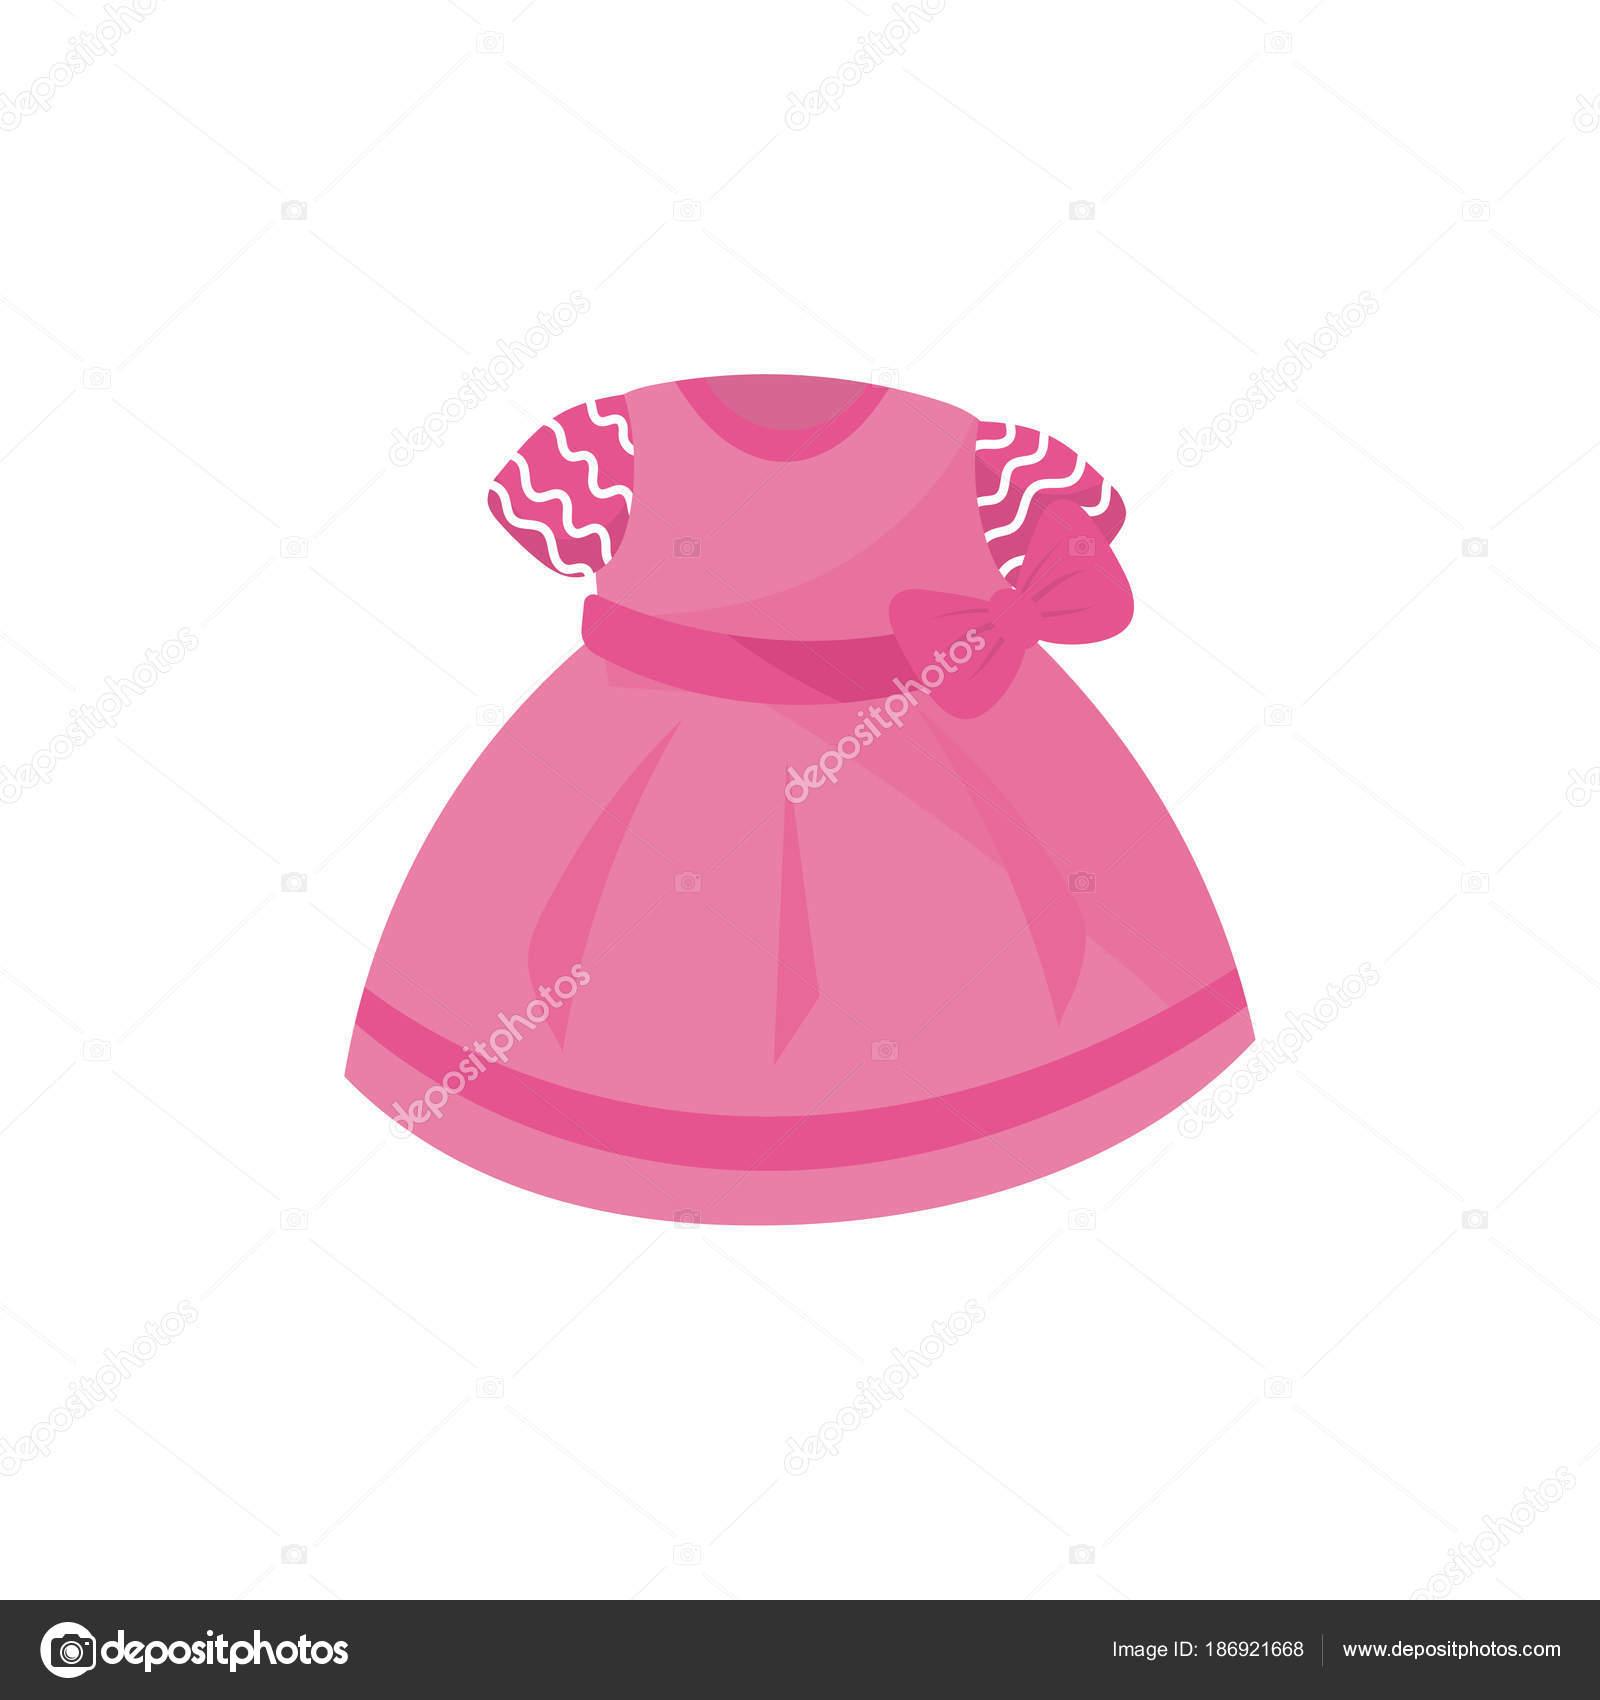 Icono de adorable vestido rosa con moño para niña. Moda bebé. Ropa ...